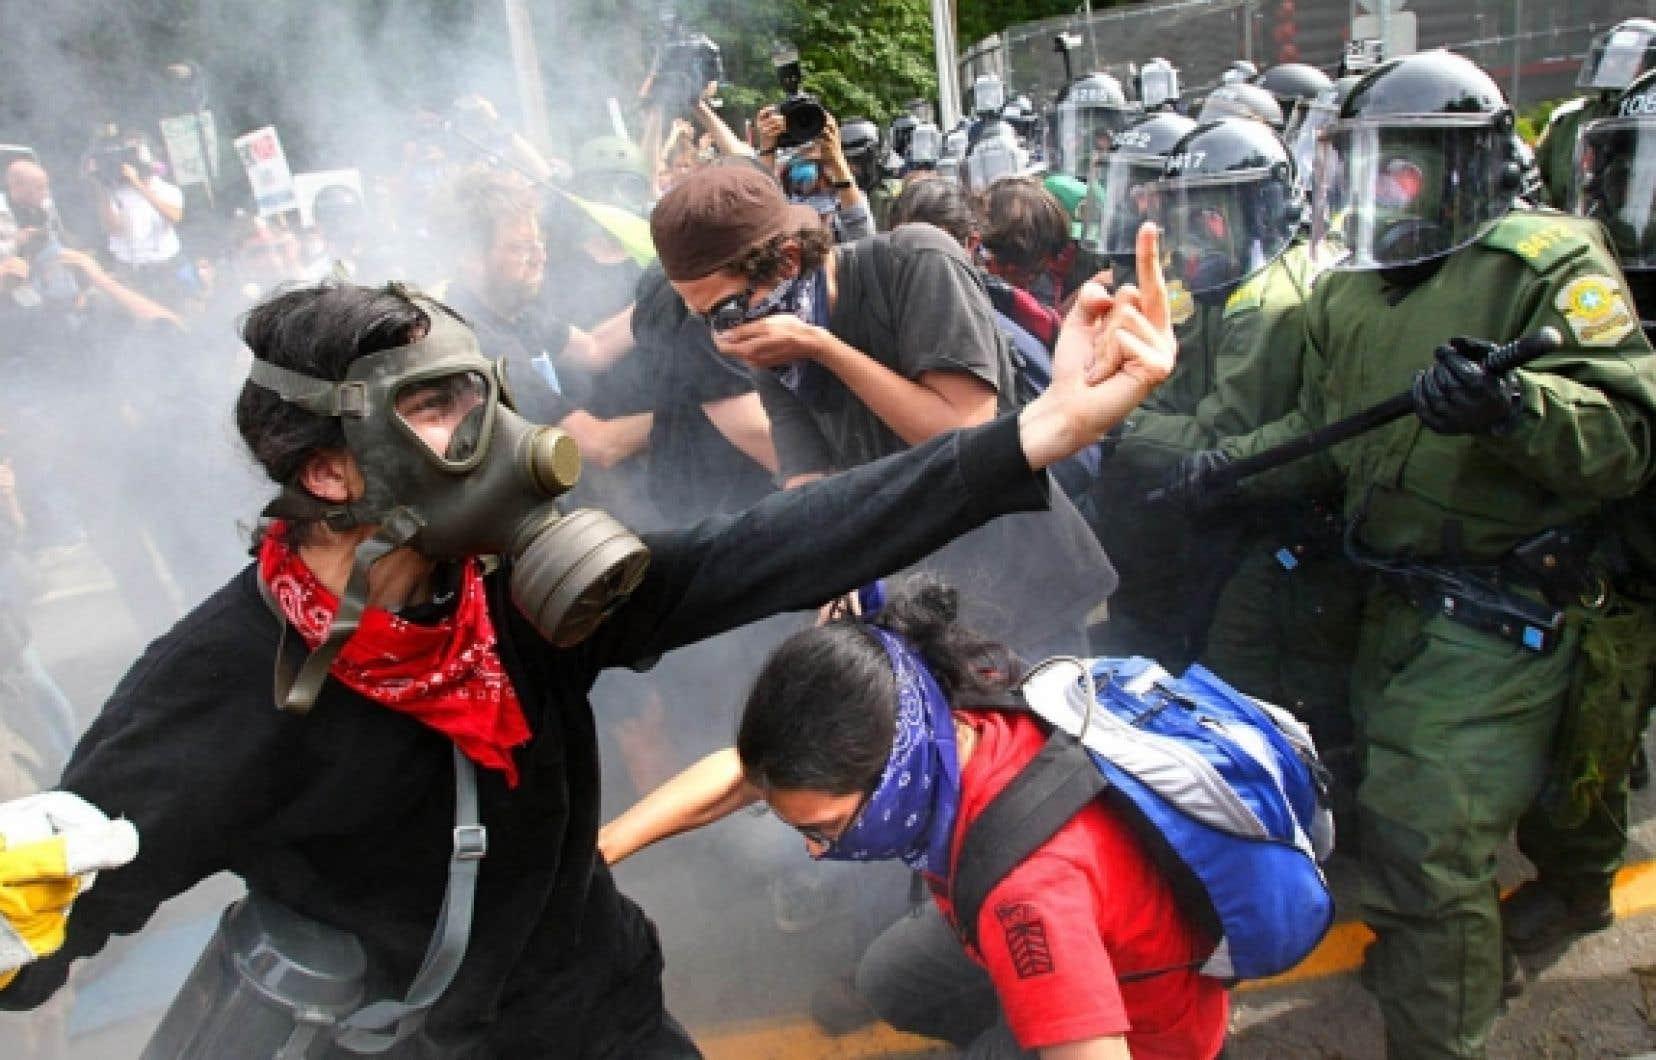 20 août 2007: manifestants et policiers s'affrontent à Montebello, lors du sommet du Partenariat pour la sécurité et la prospérité.